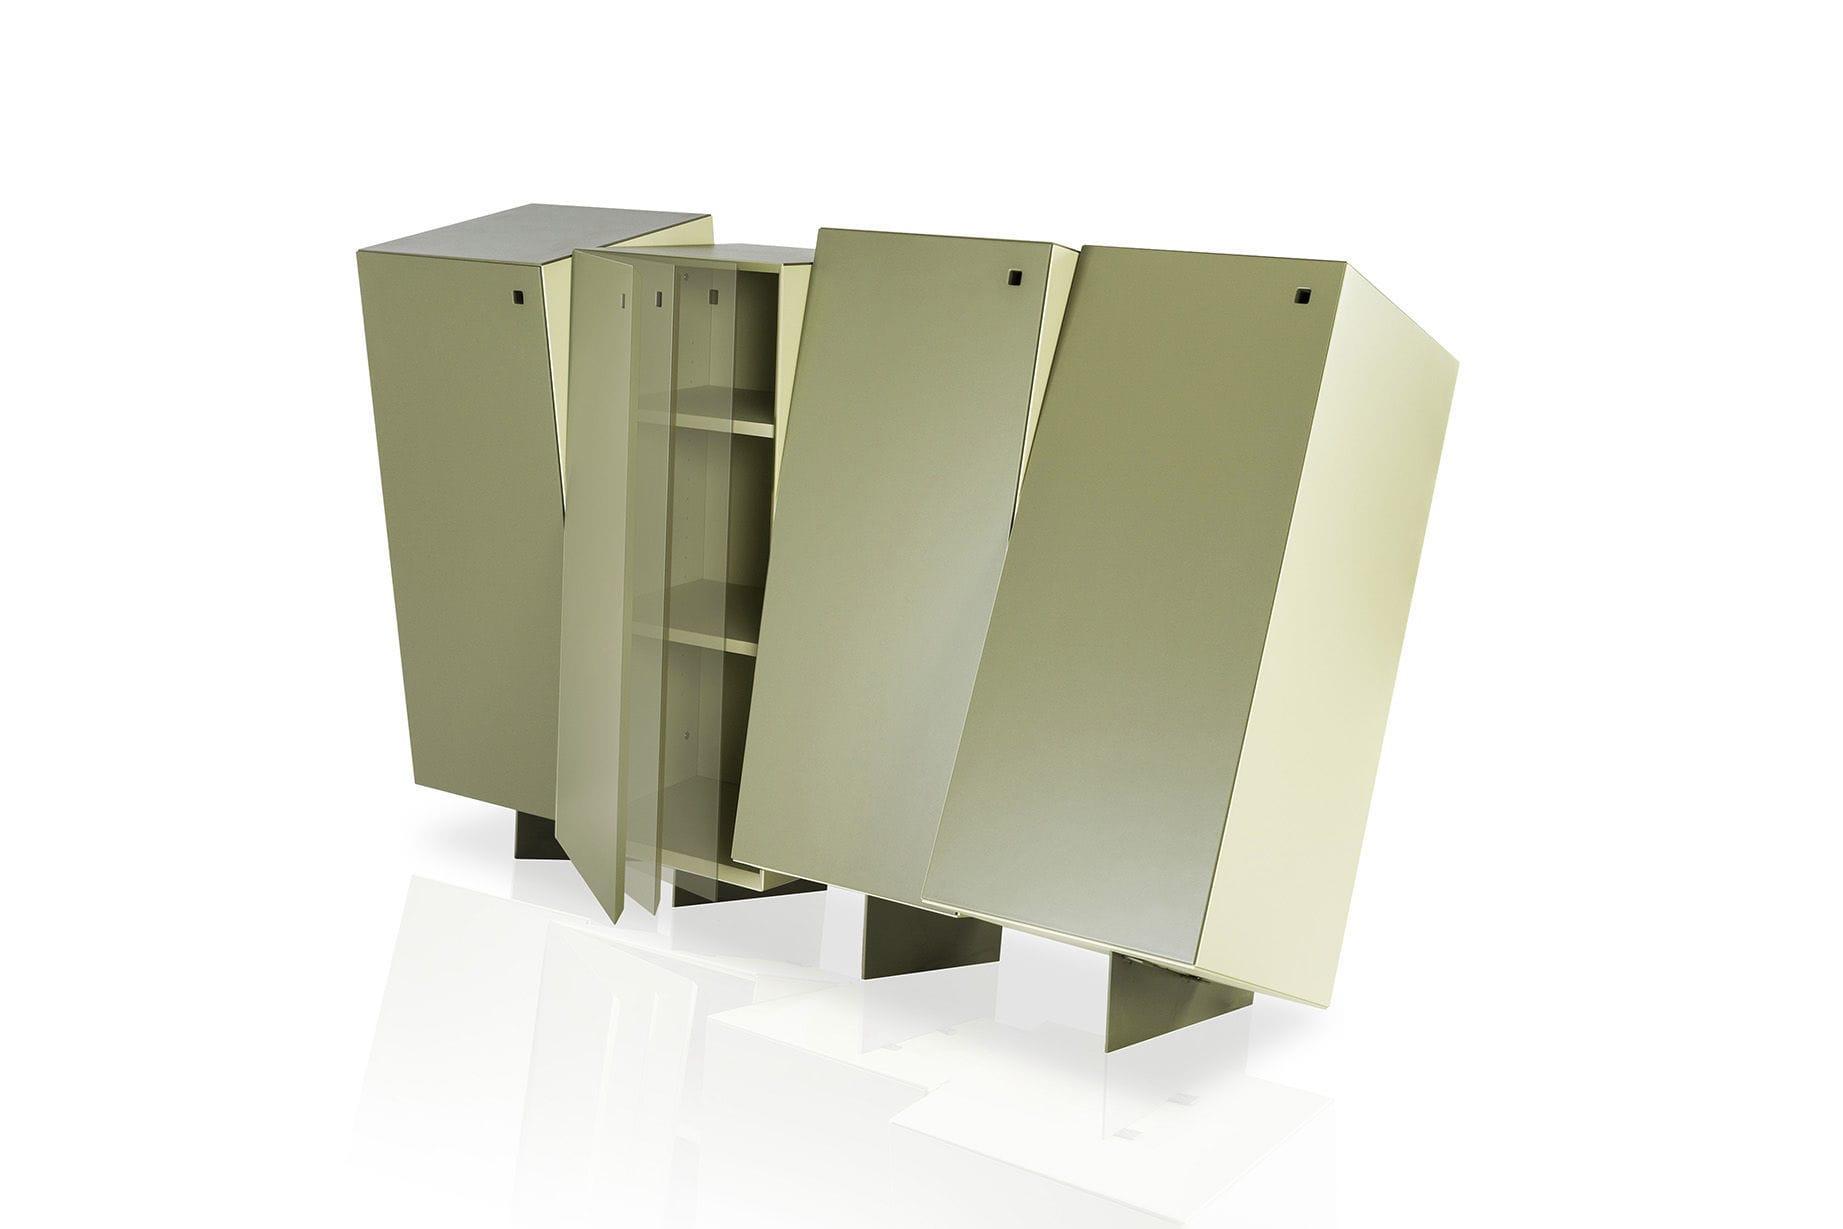 Credenza design originale in metallo in mdf laccato con